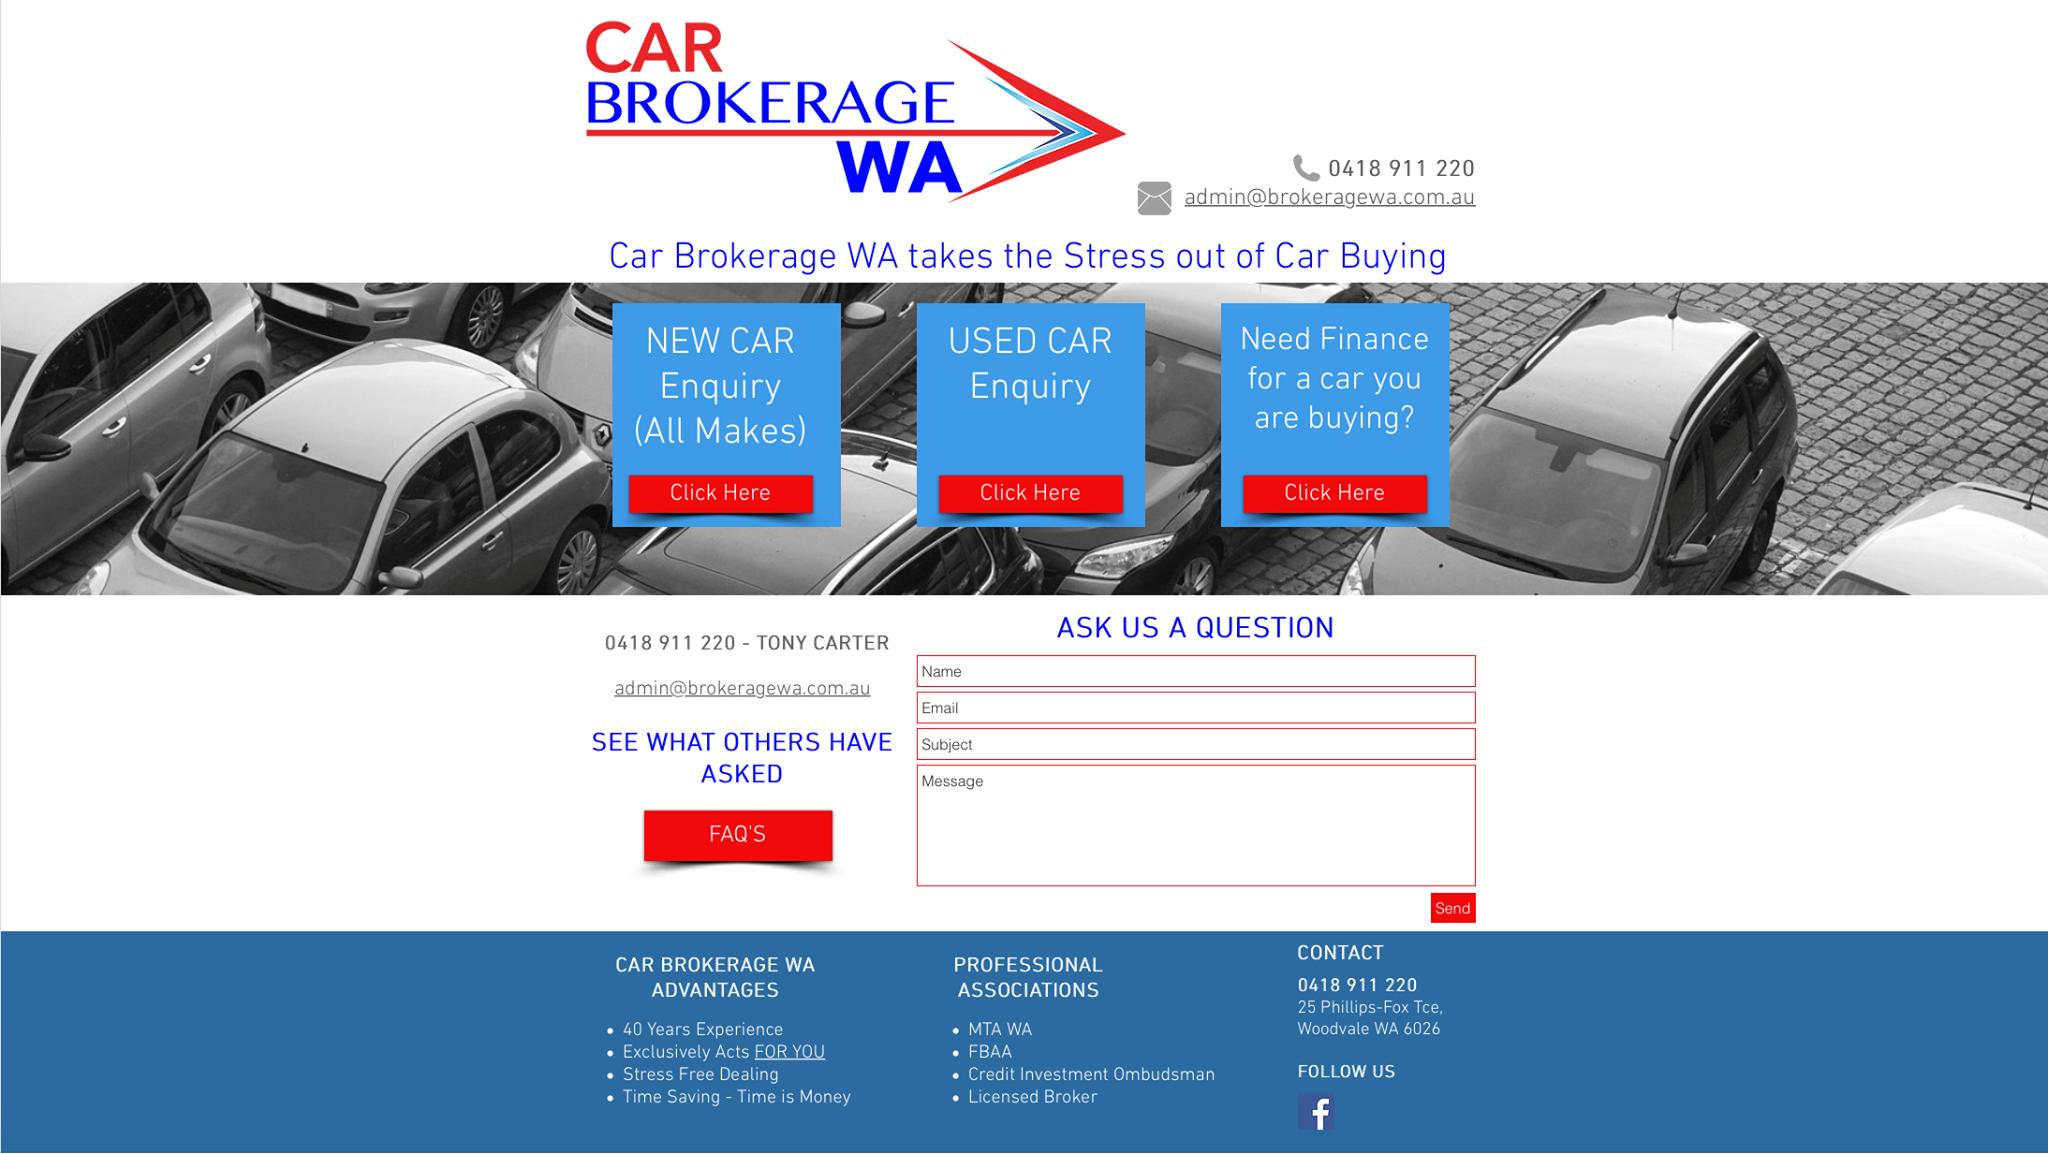 Car Brokerage WA Landing Page